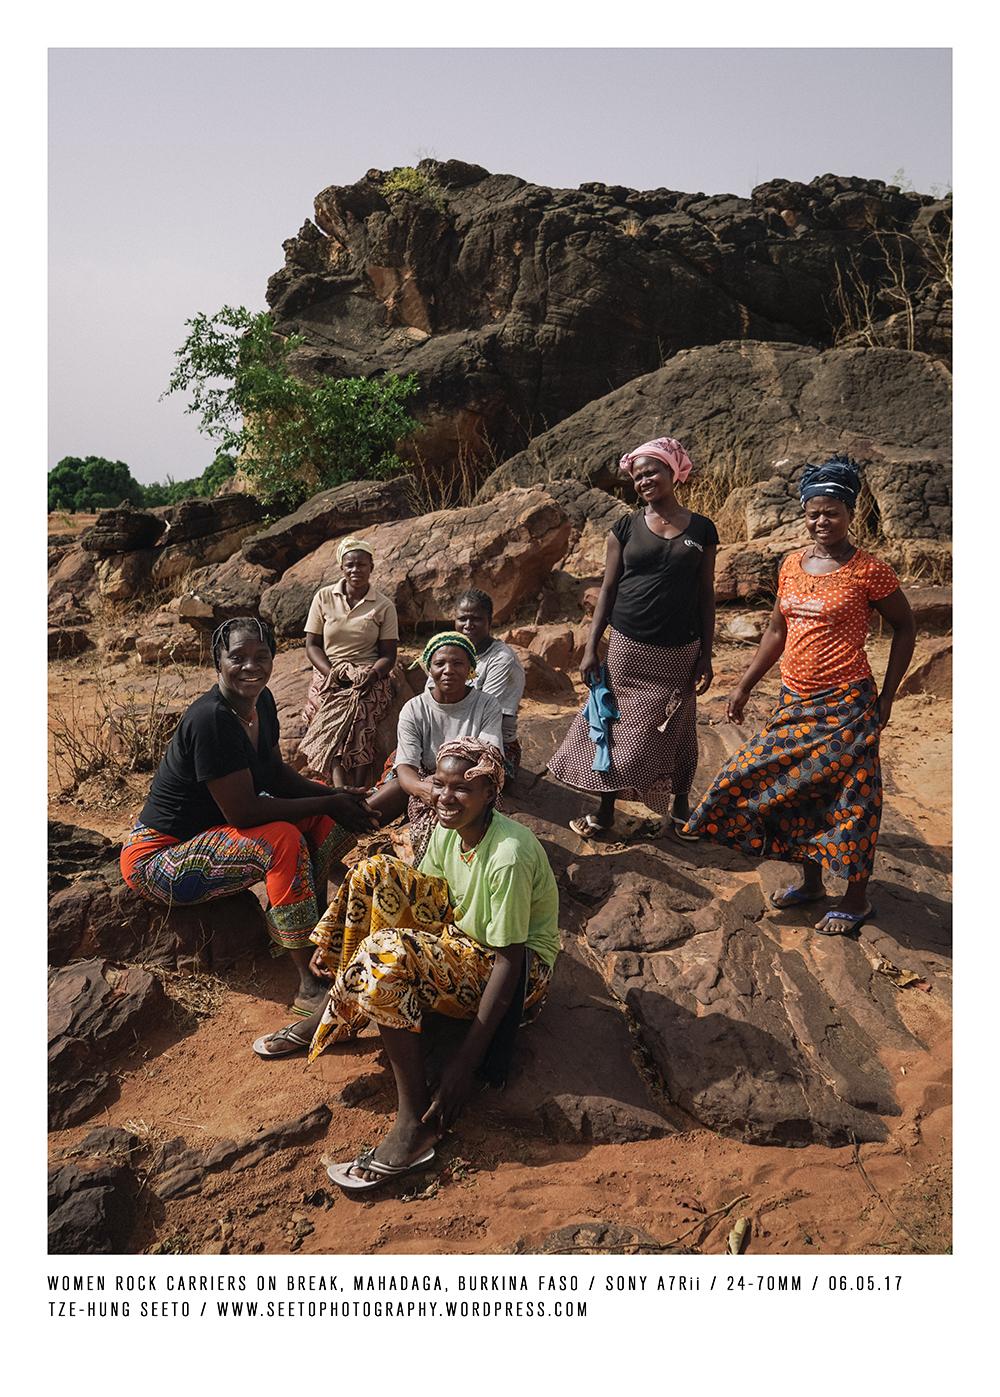 Burkina Faso, Mahadaga_Women workers taking break, CP.jpg